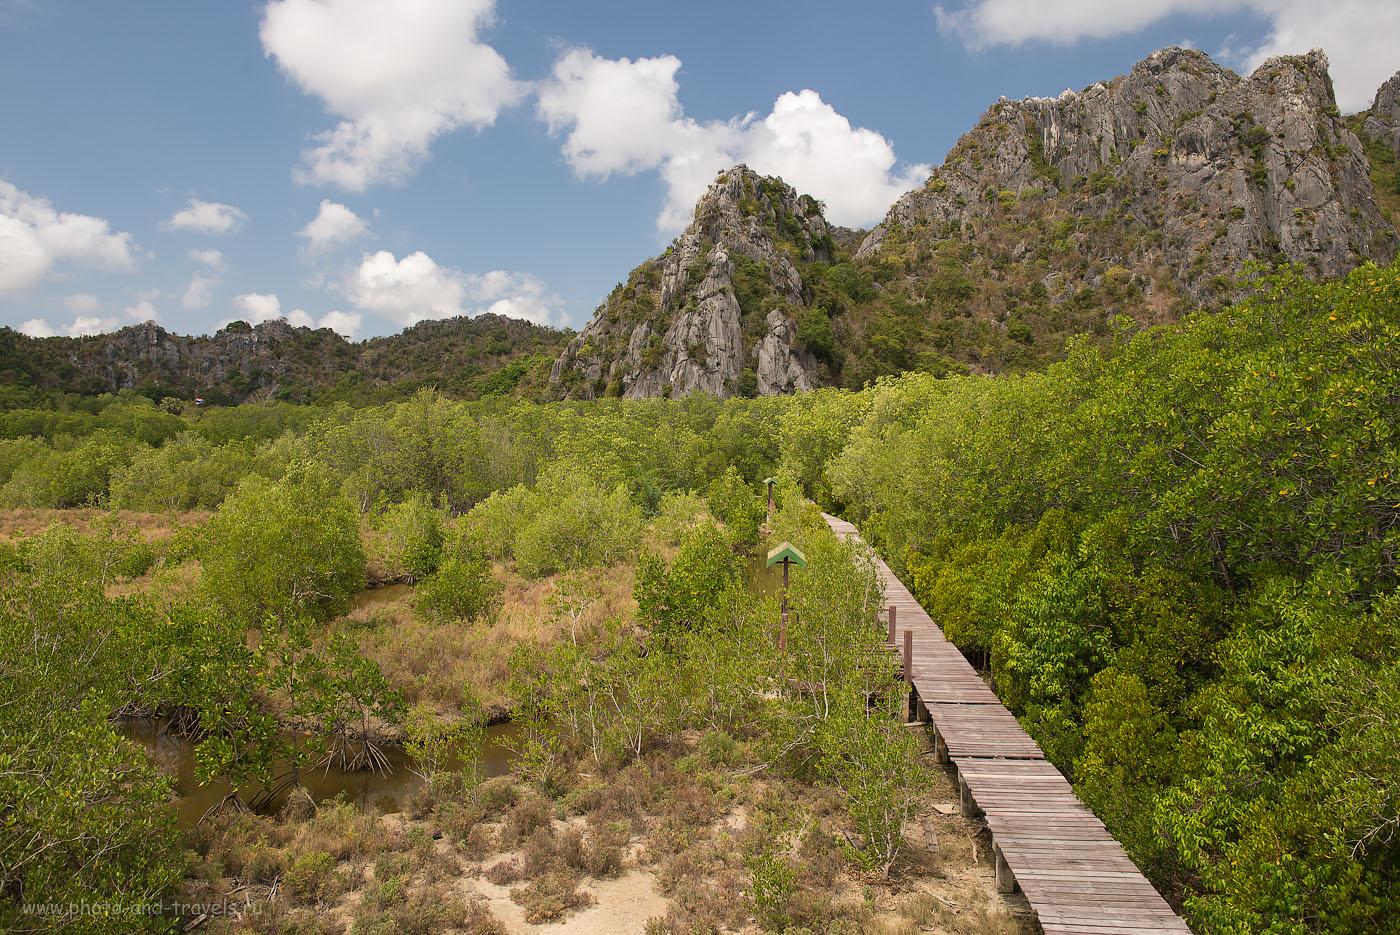 Фотография 23. Вид на мангровый лес, открывающийся с вышки в парке Као Сам Рой Йот (Камера Никон Д610, объектив Никкор 24-70/2.8 с поляриком Hoya HD Circular-PL. Настройки: ИСО 320, ФР=28, F=8.0, выдержка 1/320)